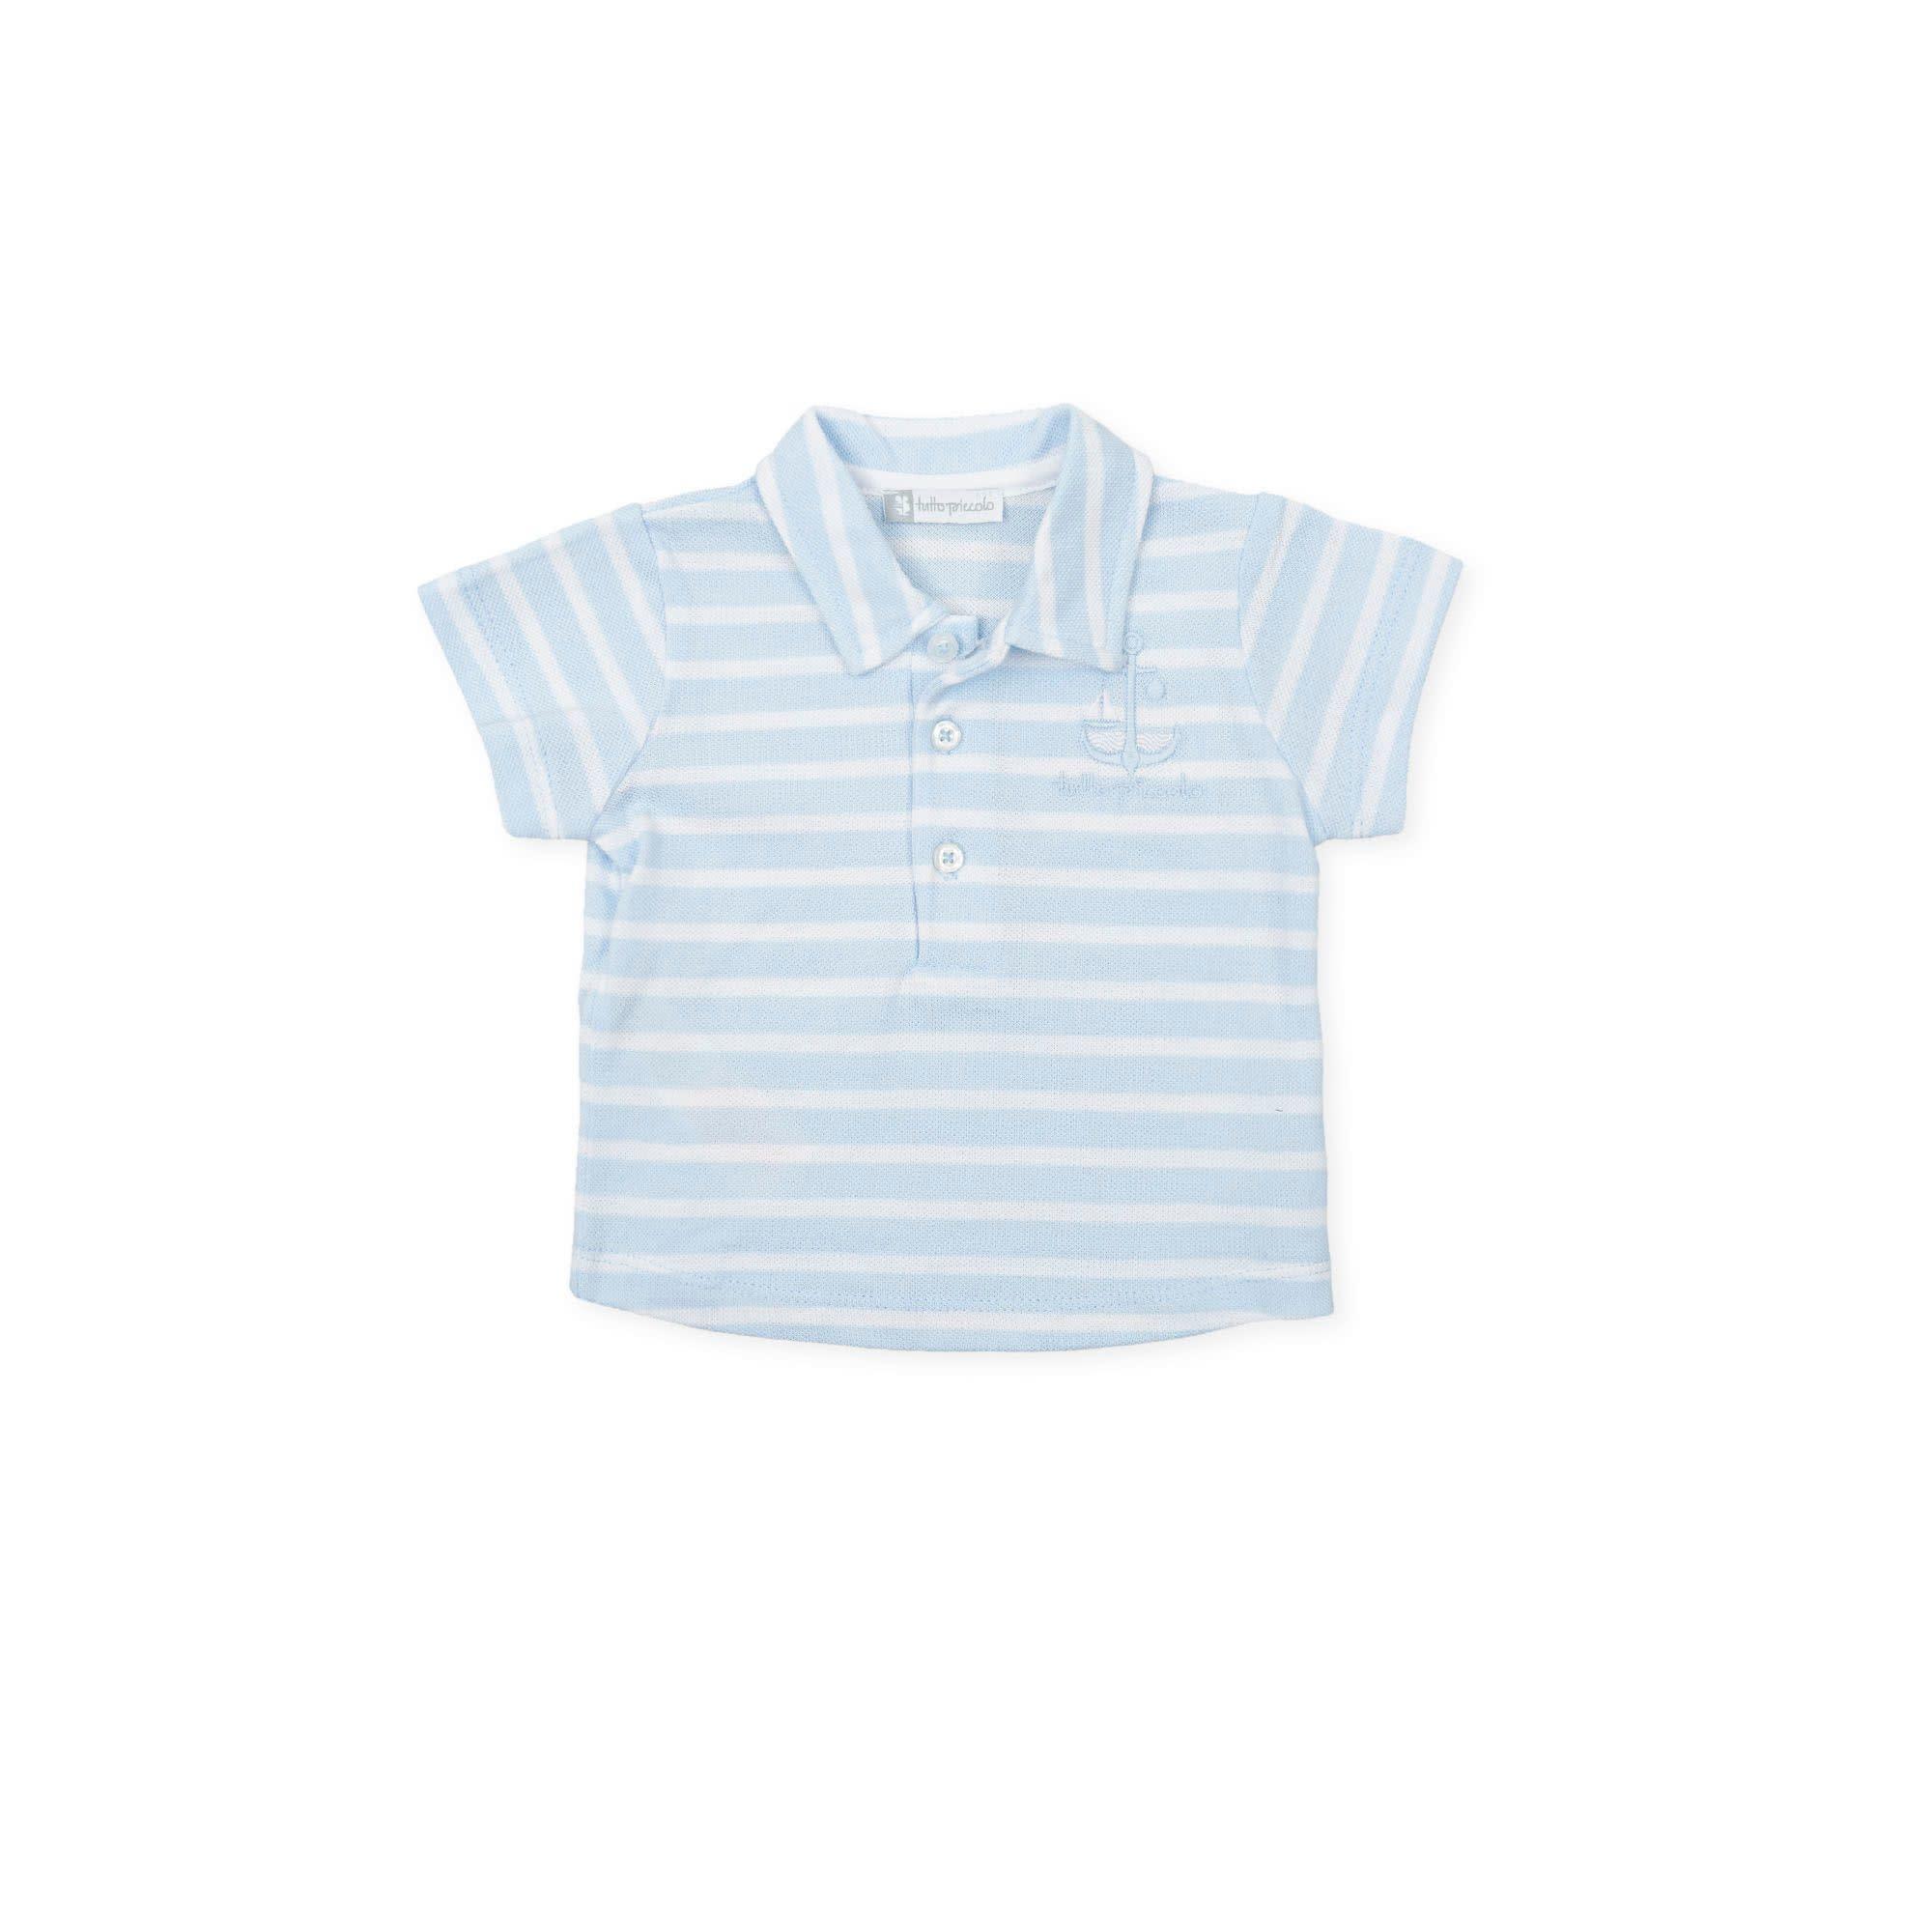 Tutto Piccolo Tutto Piccolo Stripe Polo Top & Shorts 1822-1322